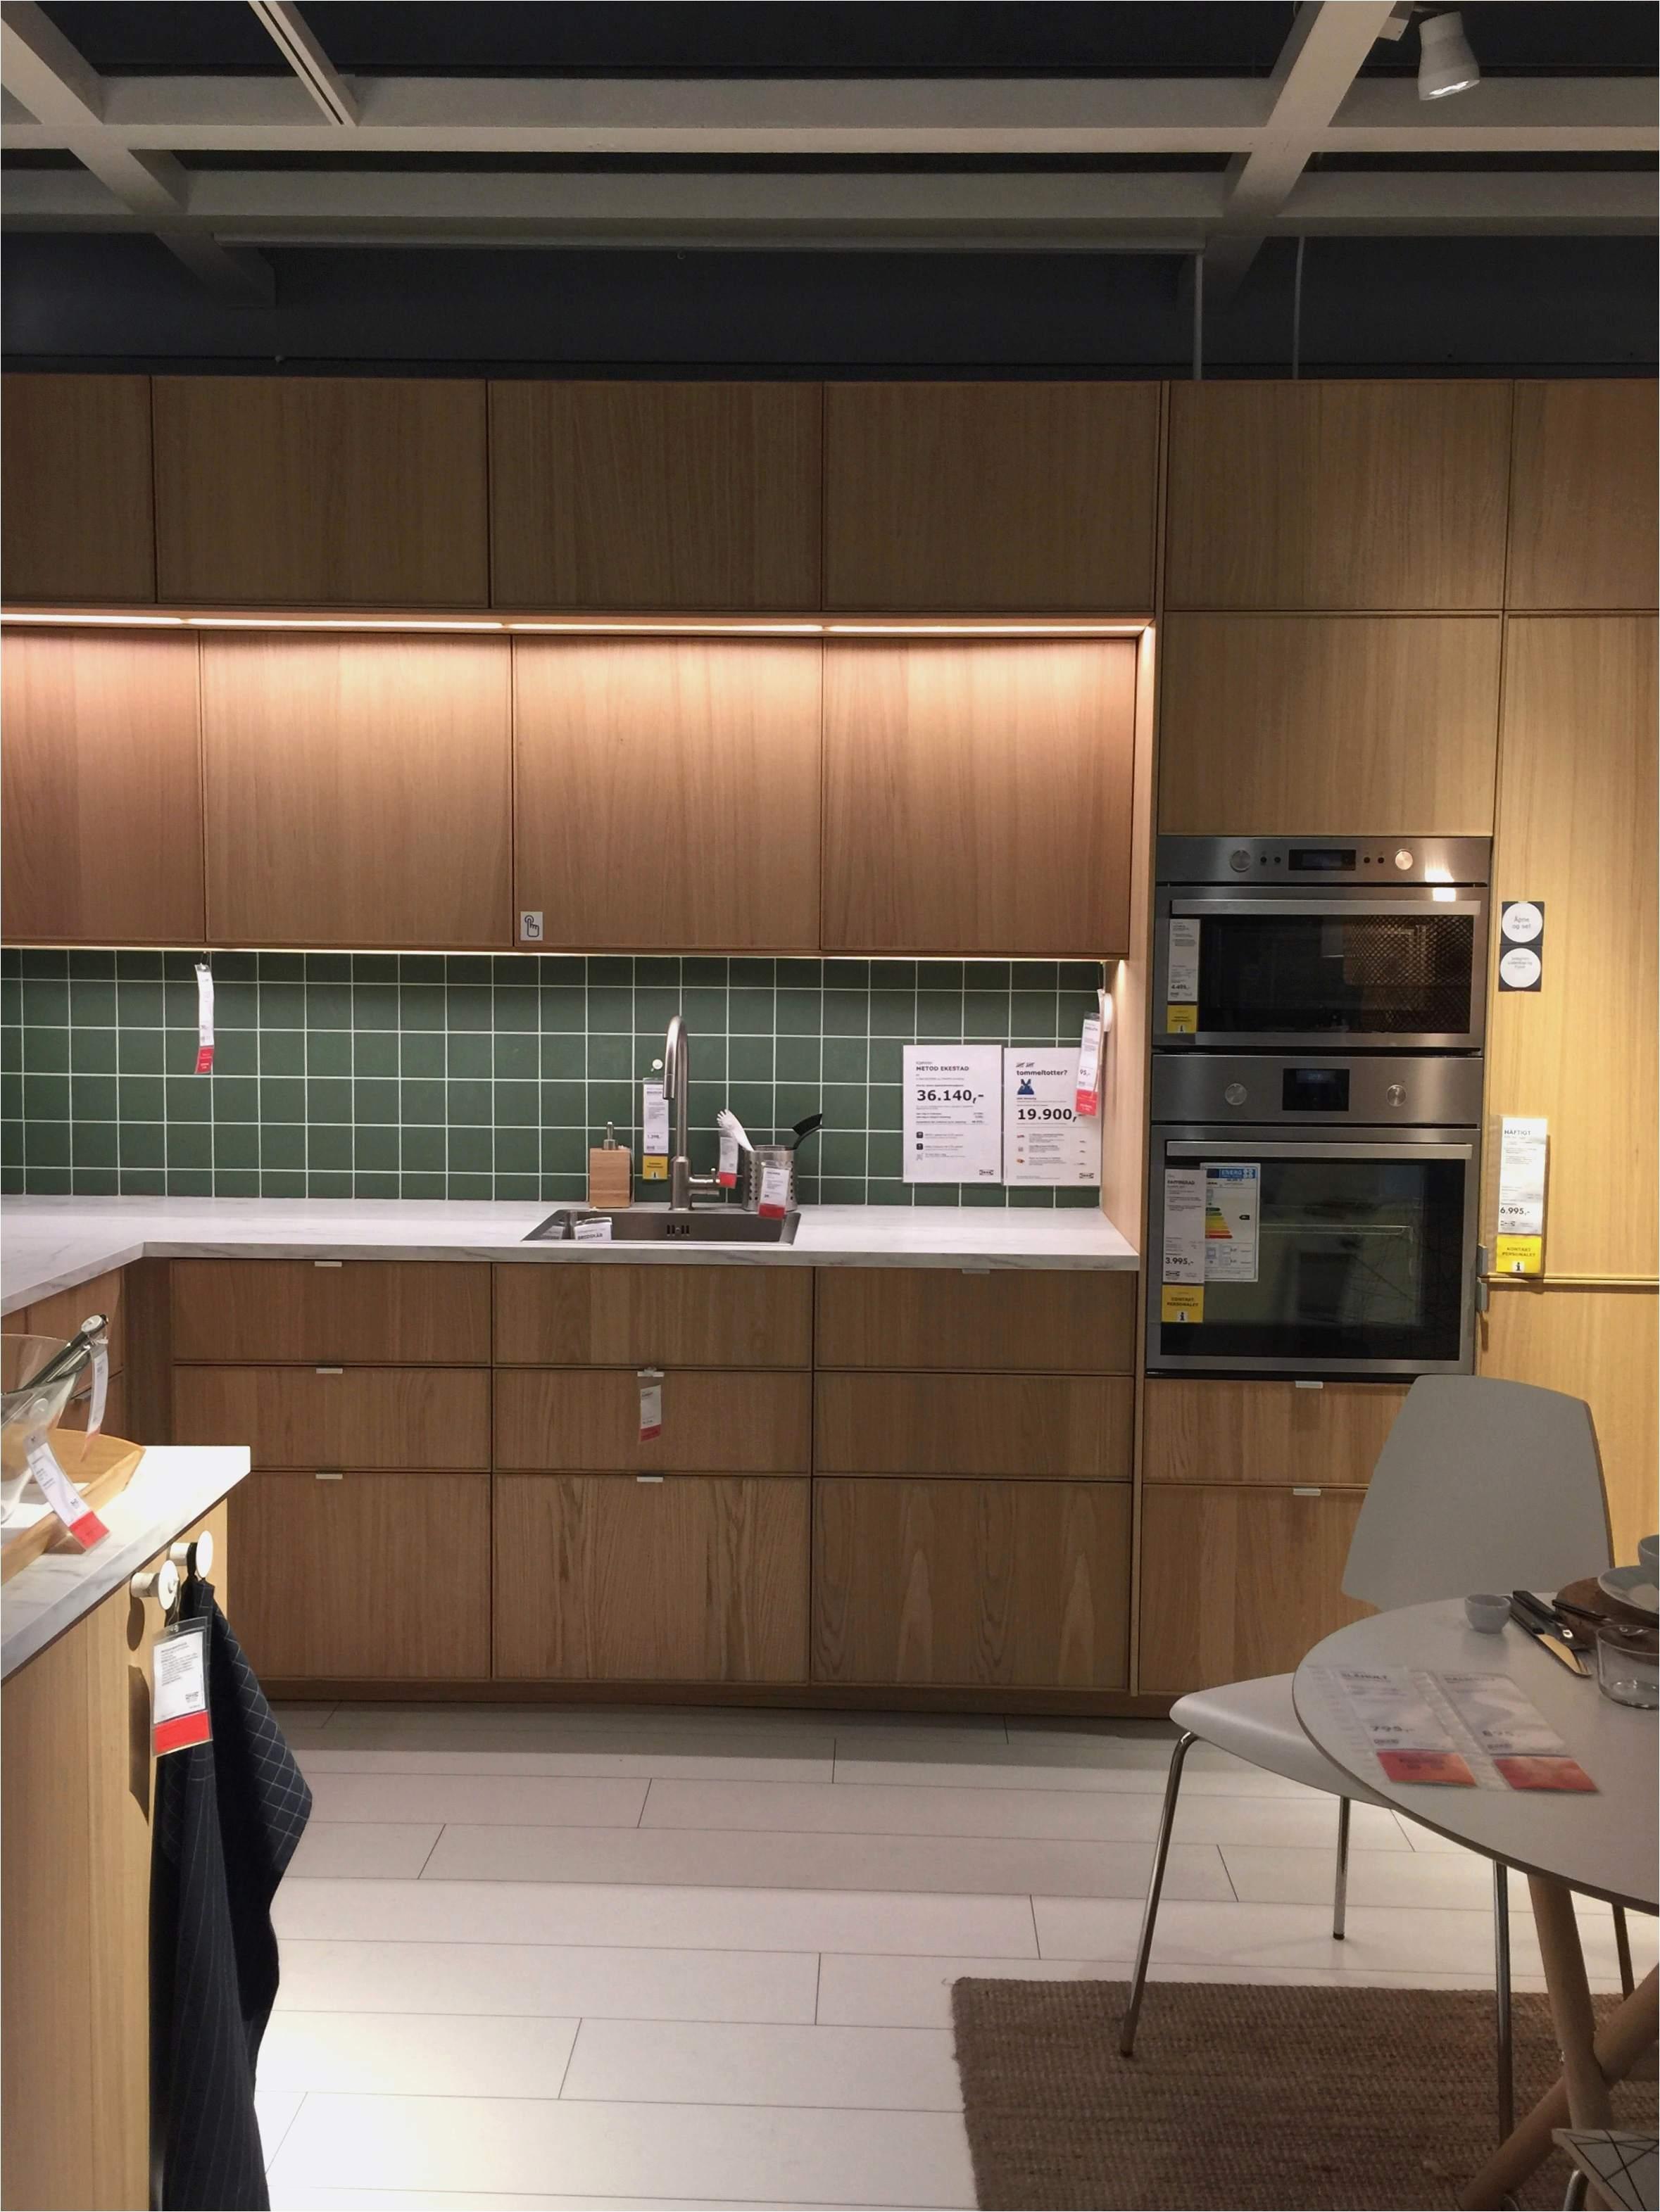 Cuisine En Bois Ikea Jouet Nouveau Collection 13 Magnifique Jouet Cuisine Ikea Cuisine Et Jardin Cuisine Et Jardin